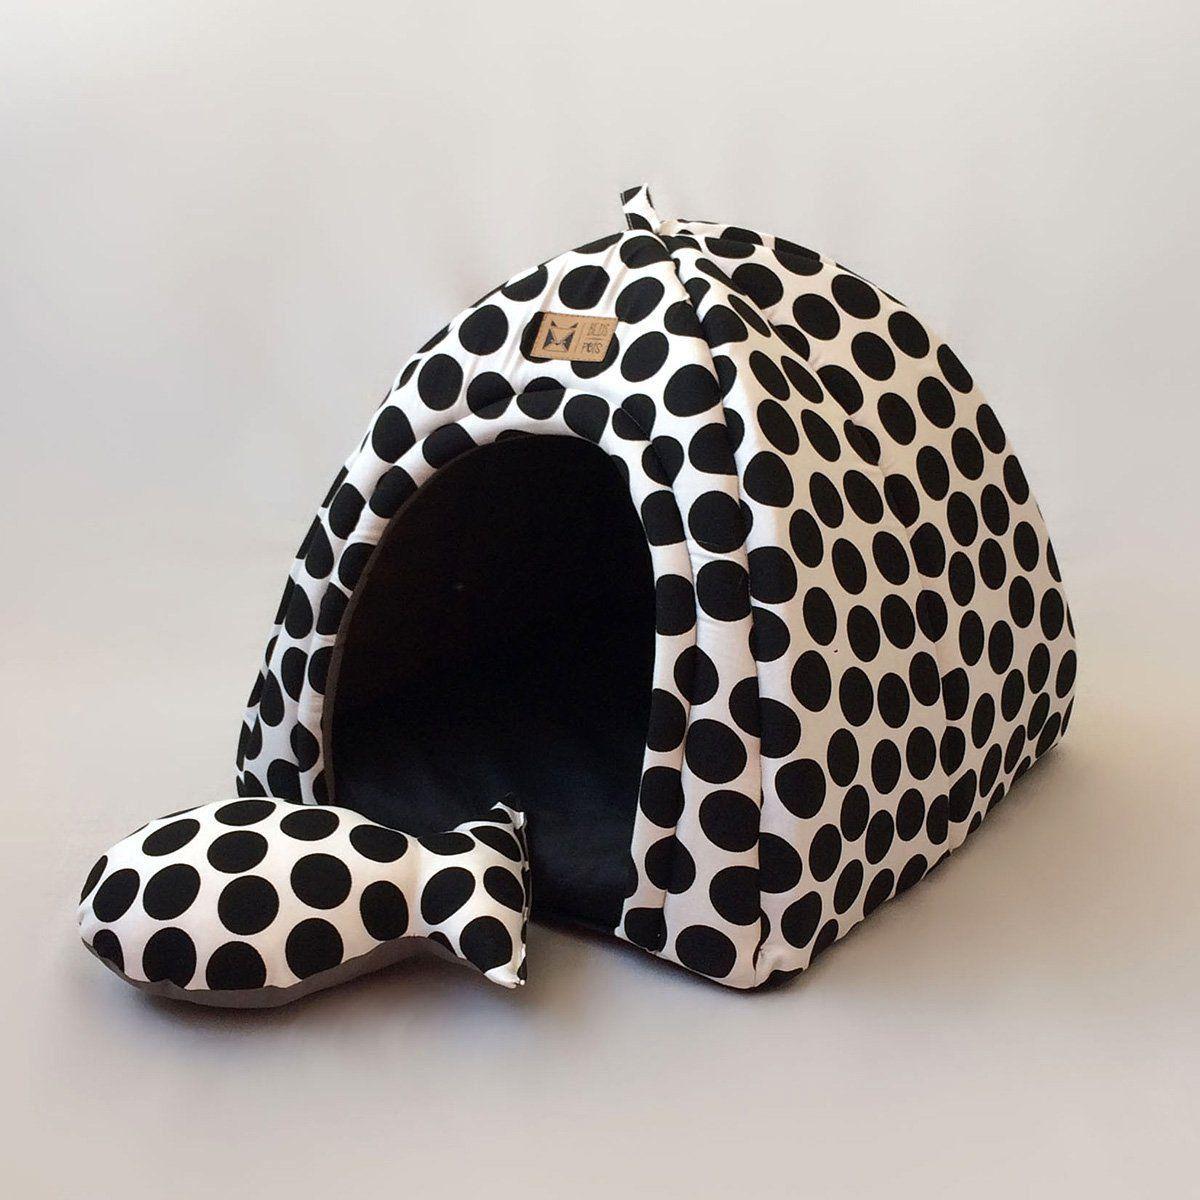 Toca Iglu para Cachorro Posh Dots Beds for Pets